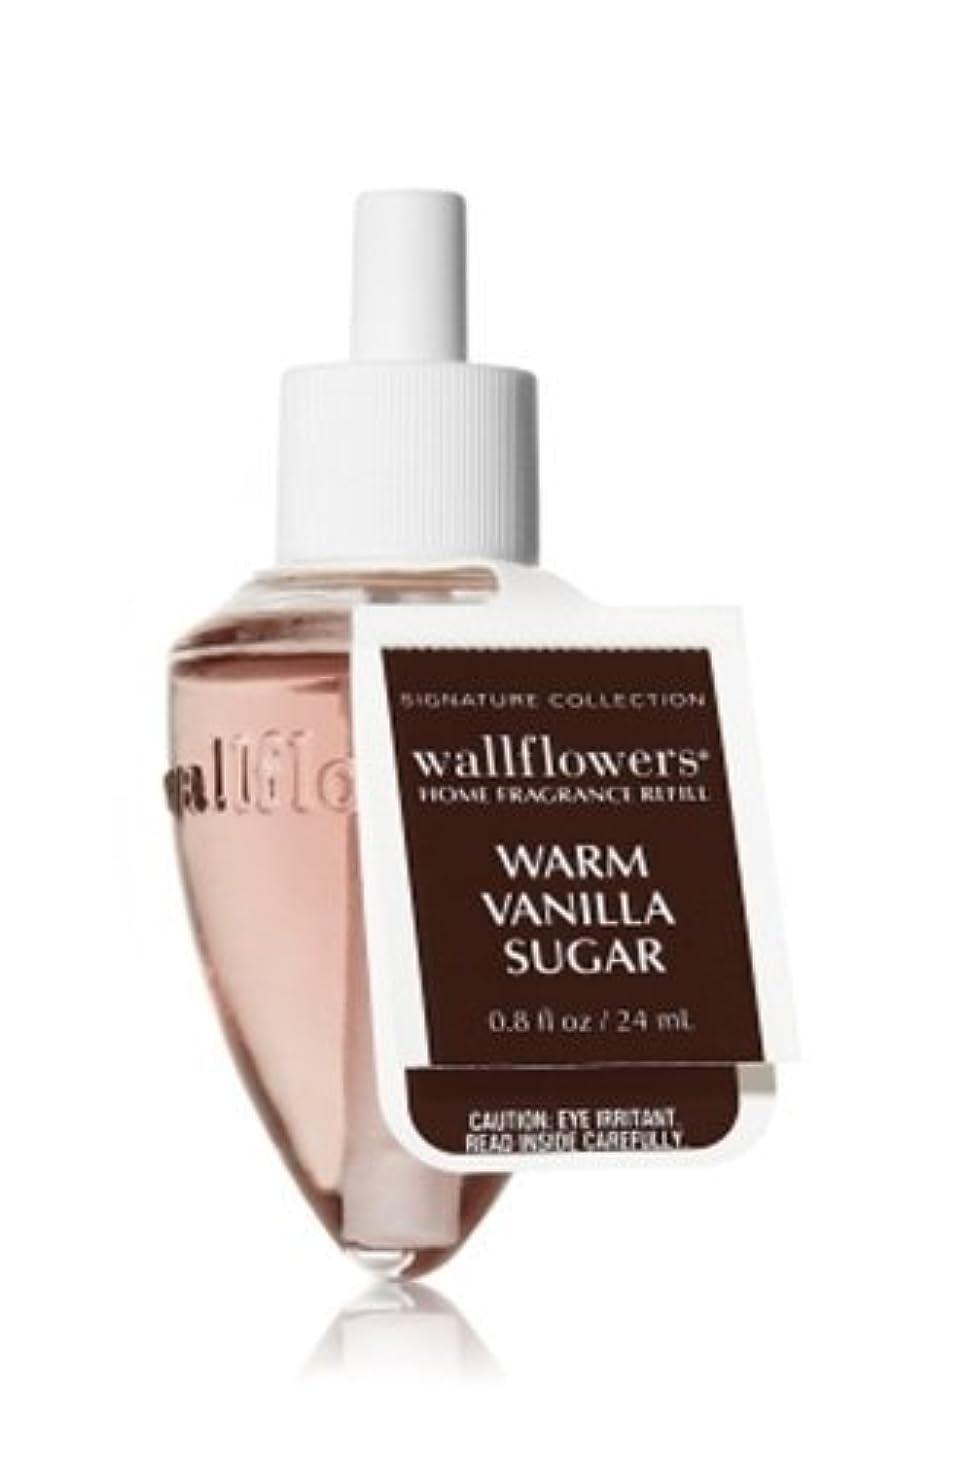 赤字曲線オーバーフローBath & Body Works(バス&ボディワークス)ウォームバニラシュガー ホームフレグランス レフィル(本体は別売りです)Warm Vanilla Sugar Wallflowers Refill Single Bottles [並行輸入品]